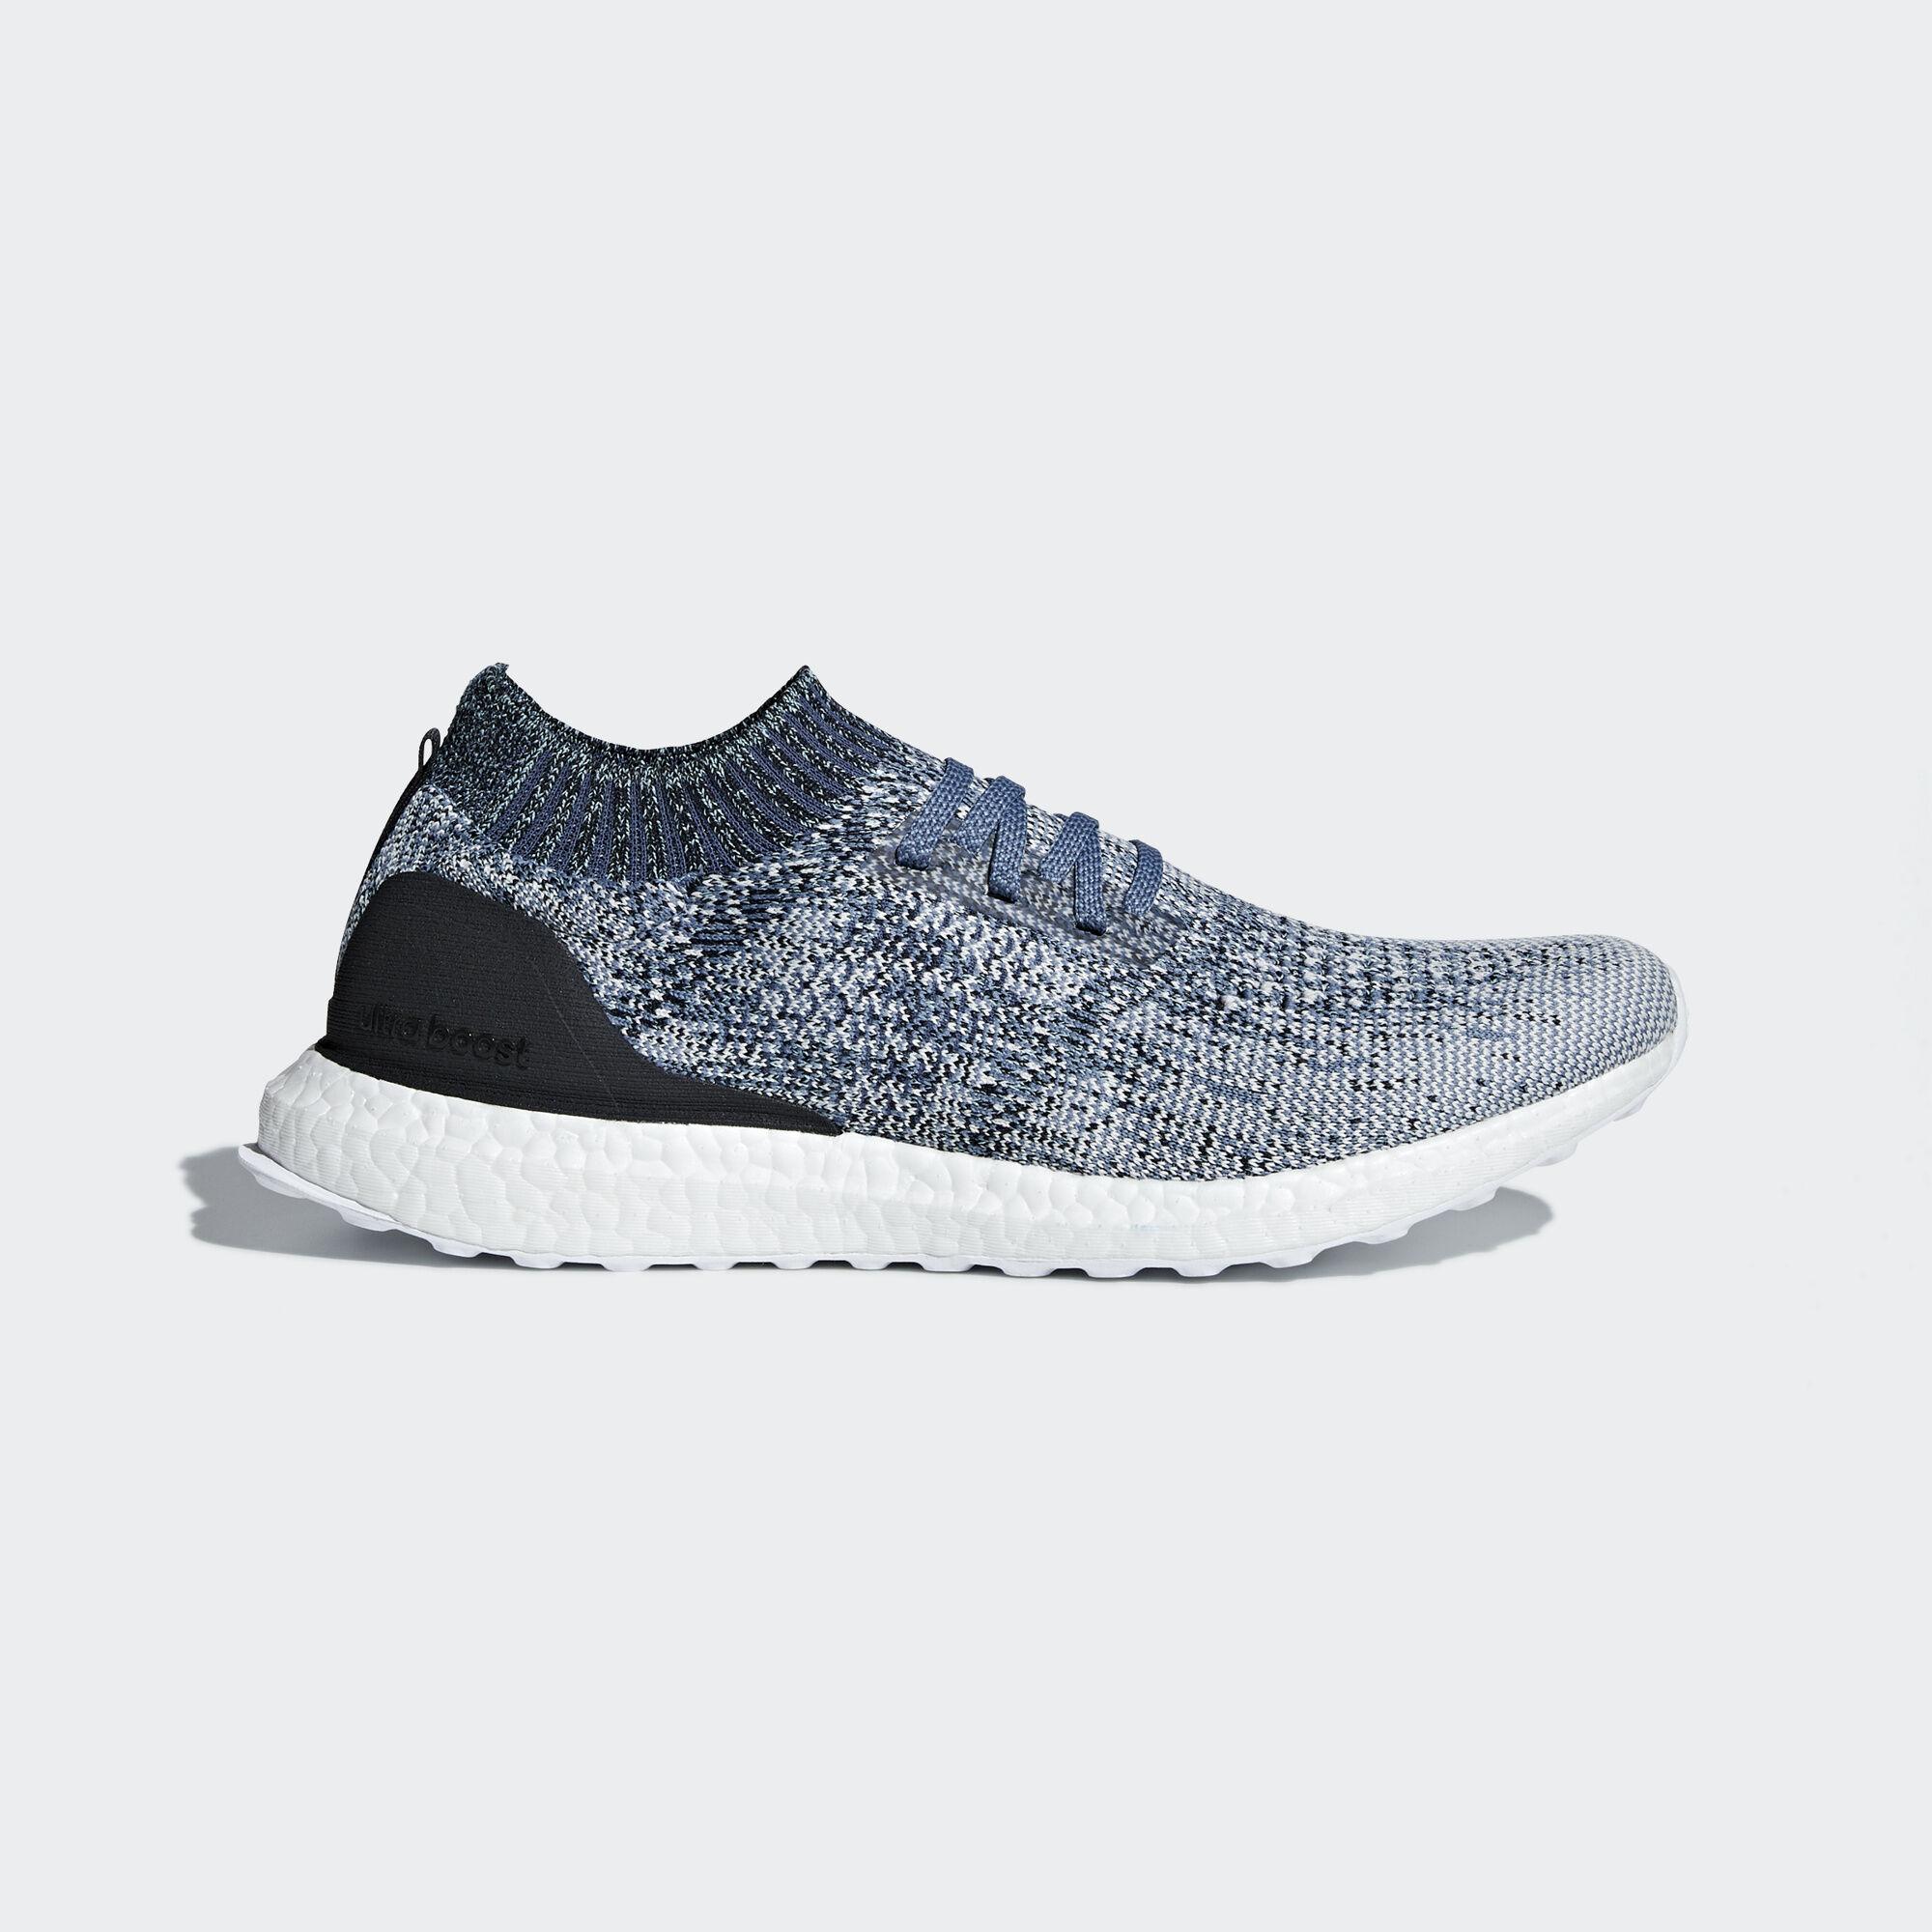 adidas Adidas UltraBOOST Uncaged Parley Raw Grey/ Chalk Pearl/ Spirit qRuYMTd